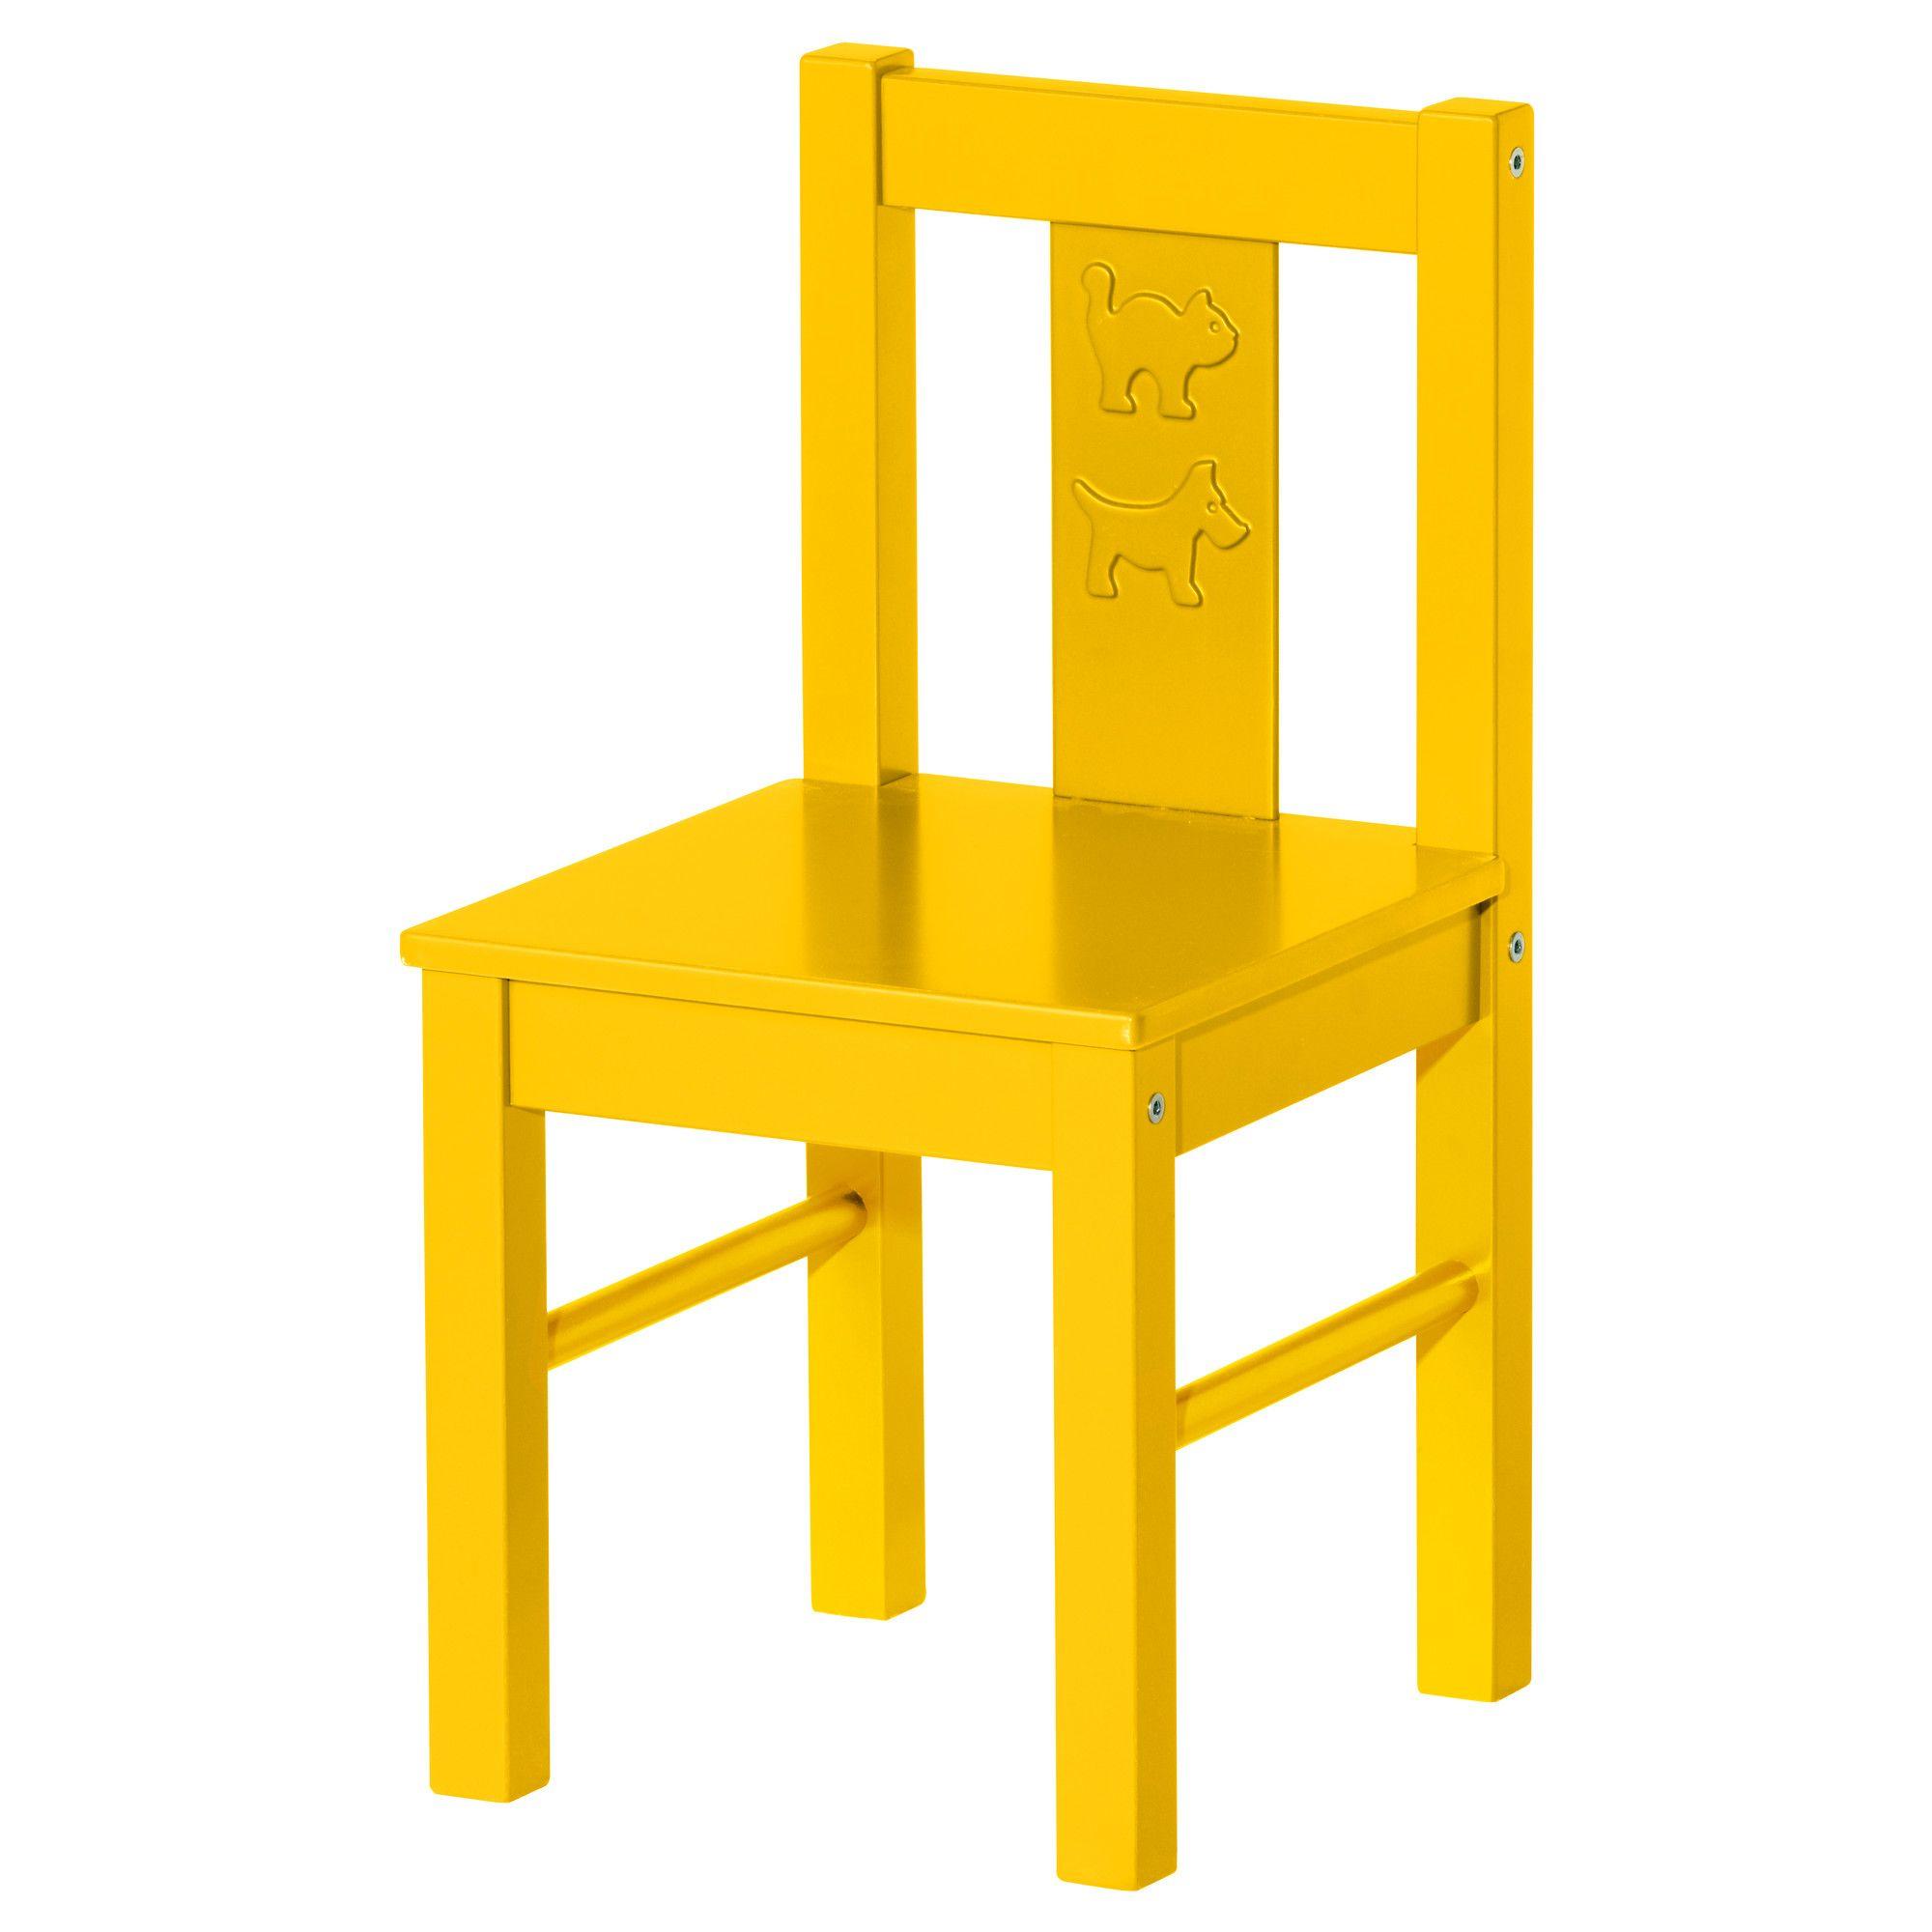 KRITTER Children's chair - yellow - IKEA $12.95 | underage ...